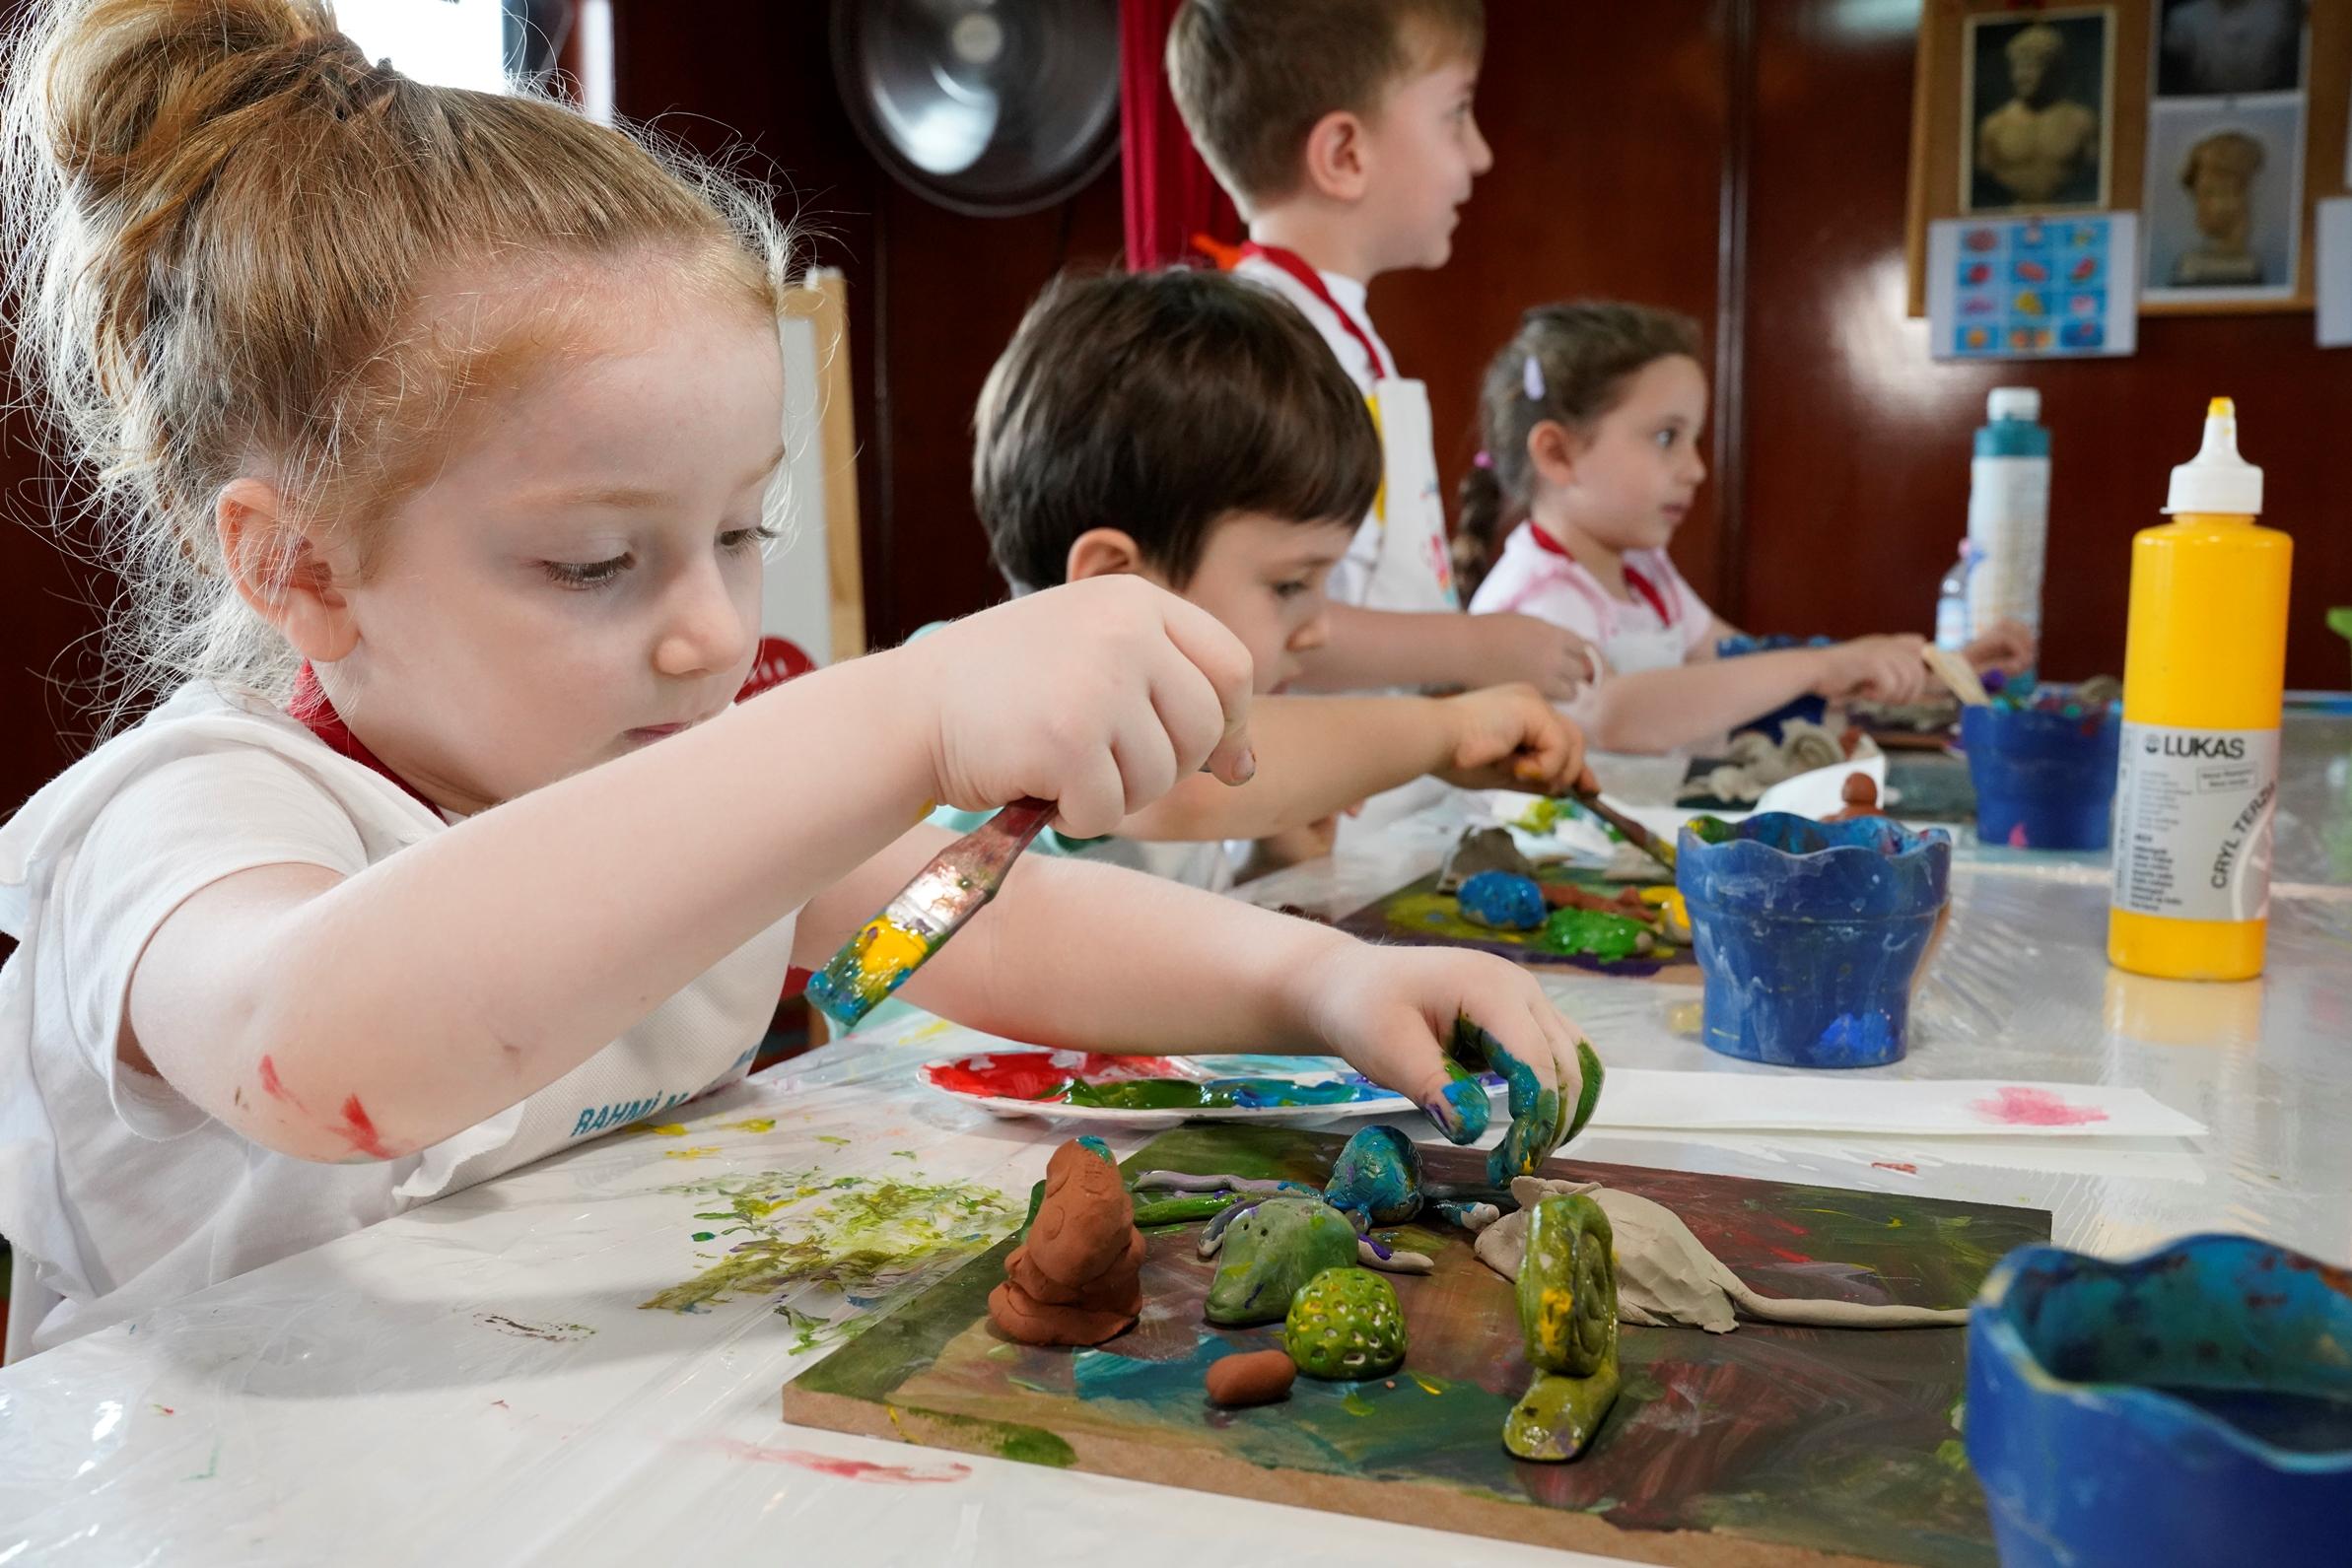 Rahmi M. Koç Müzesi çevrim içi eğitim atölyeleri çocukları sanat- bilimle buluşturuyor.